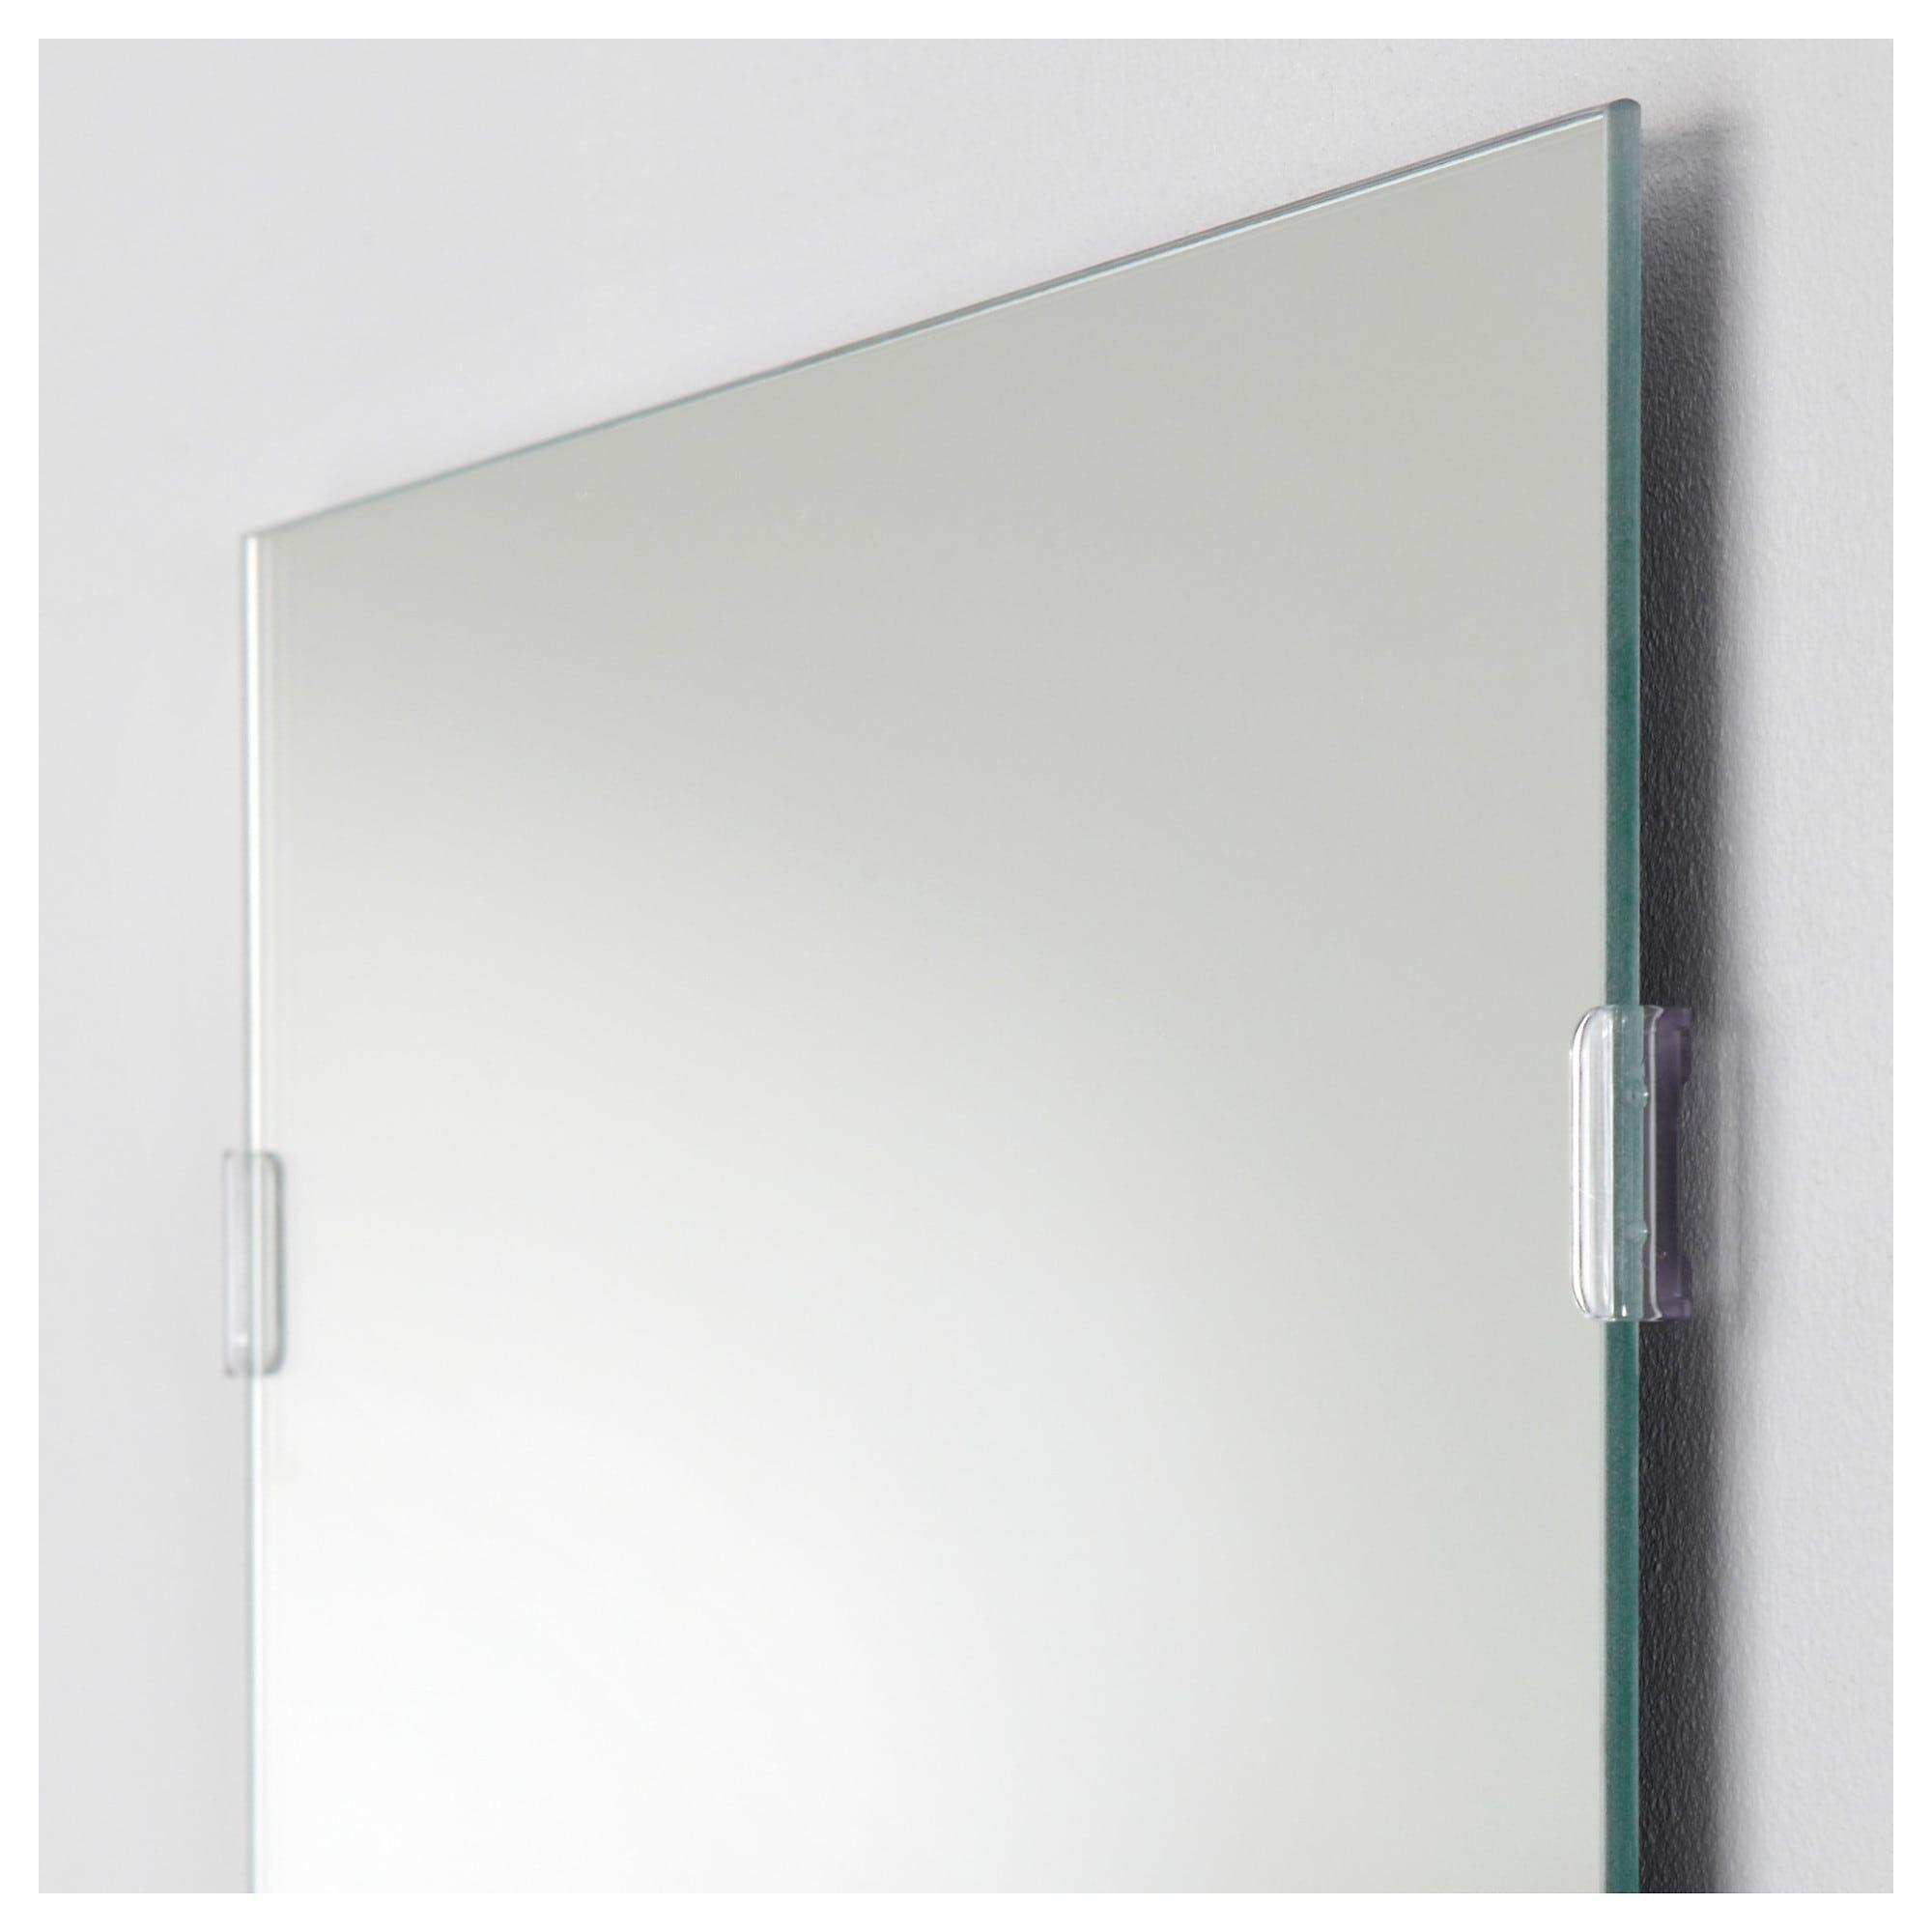 MINDE Spiegel | Spiegel ikea, Badezimmer dekor und Wandspiegel